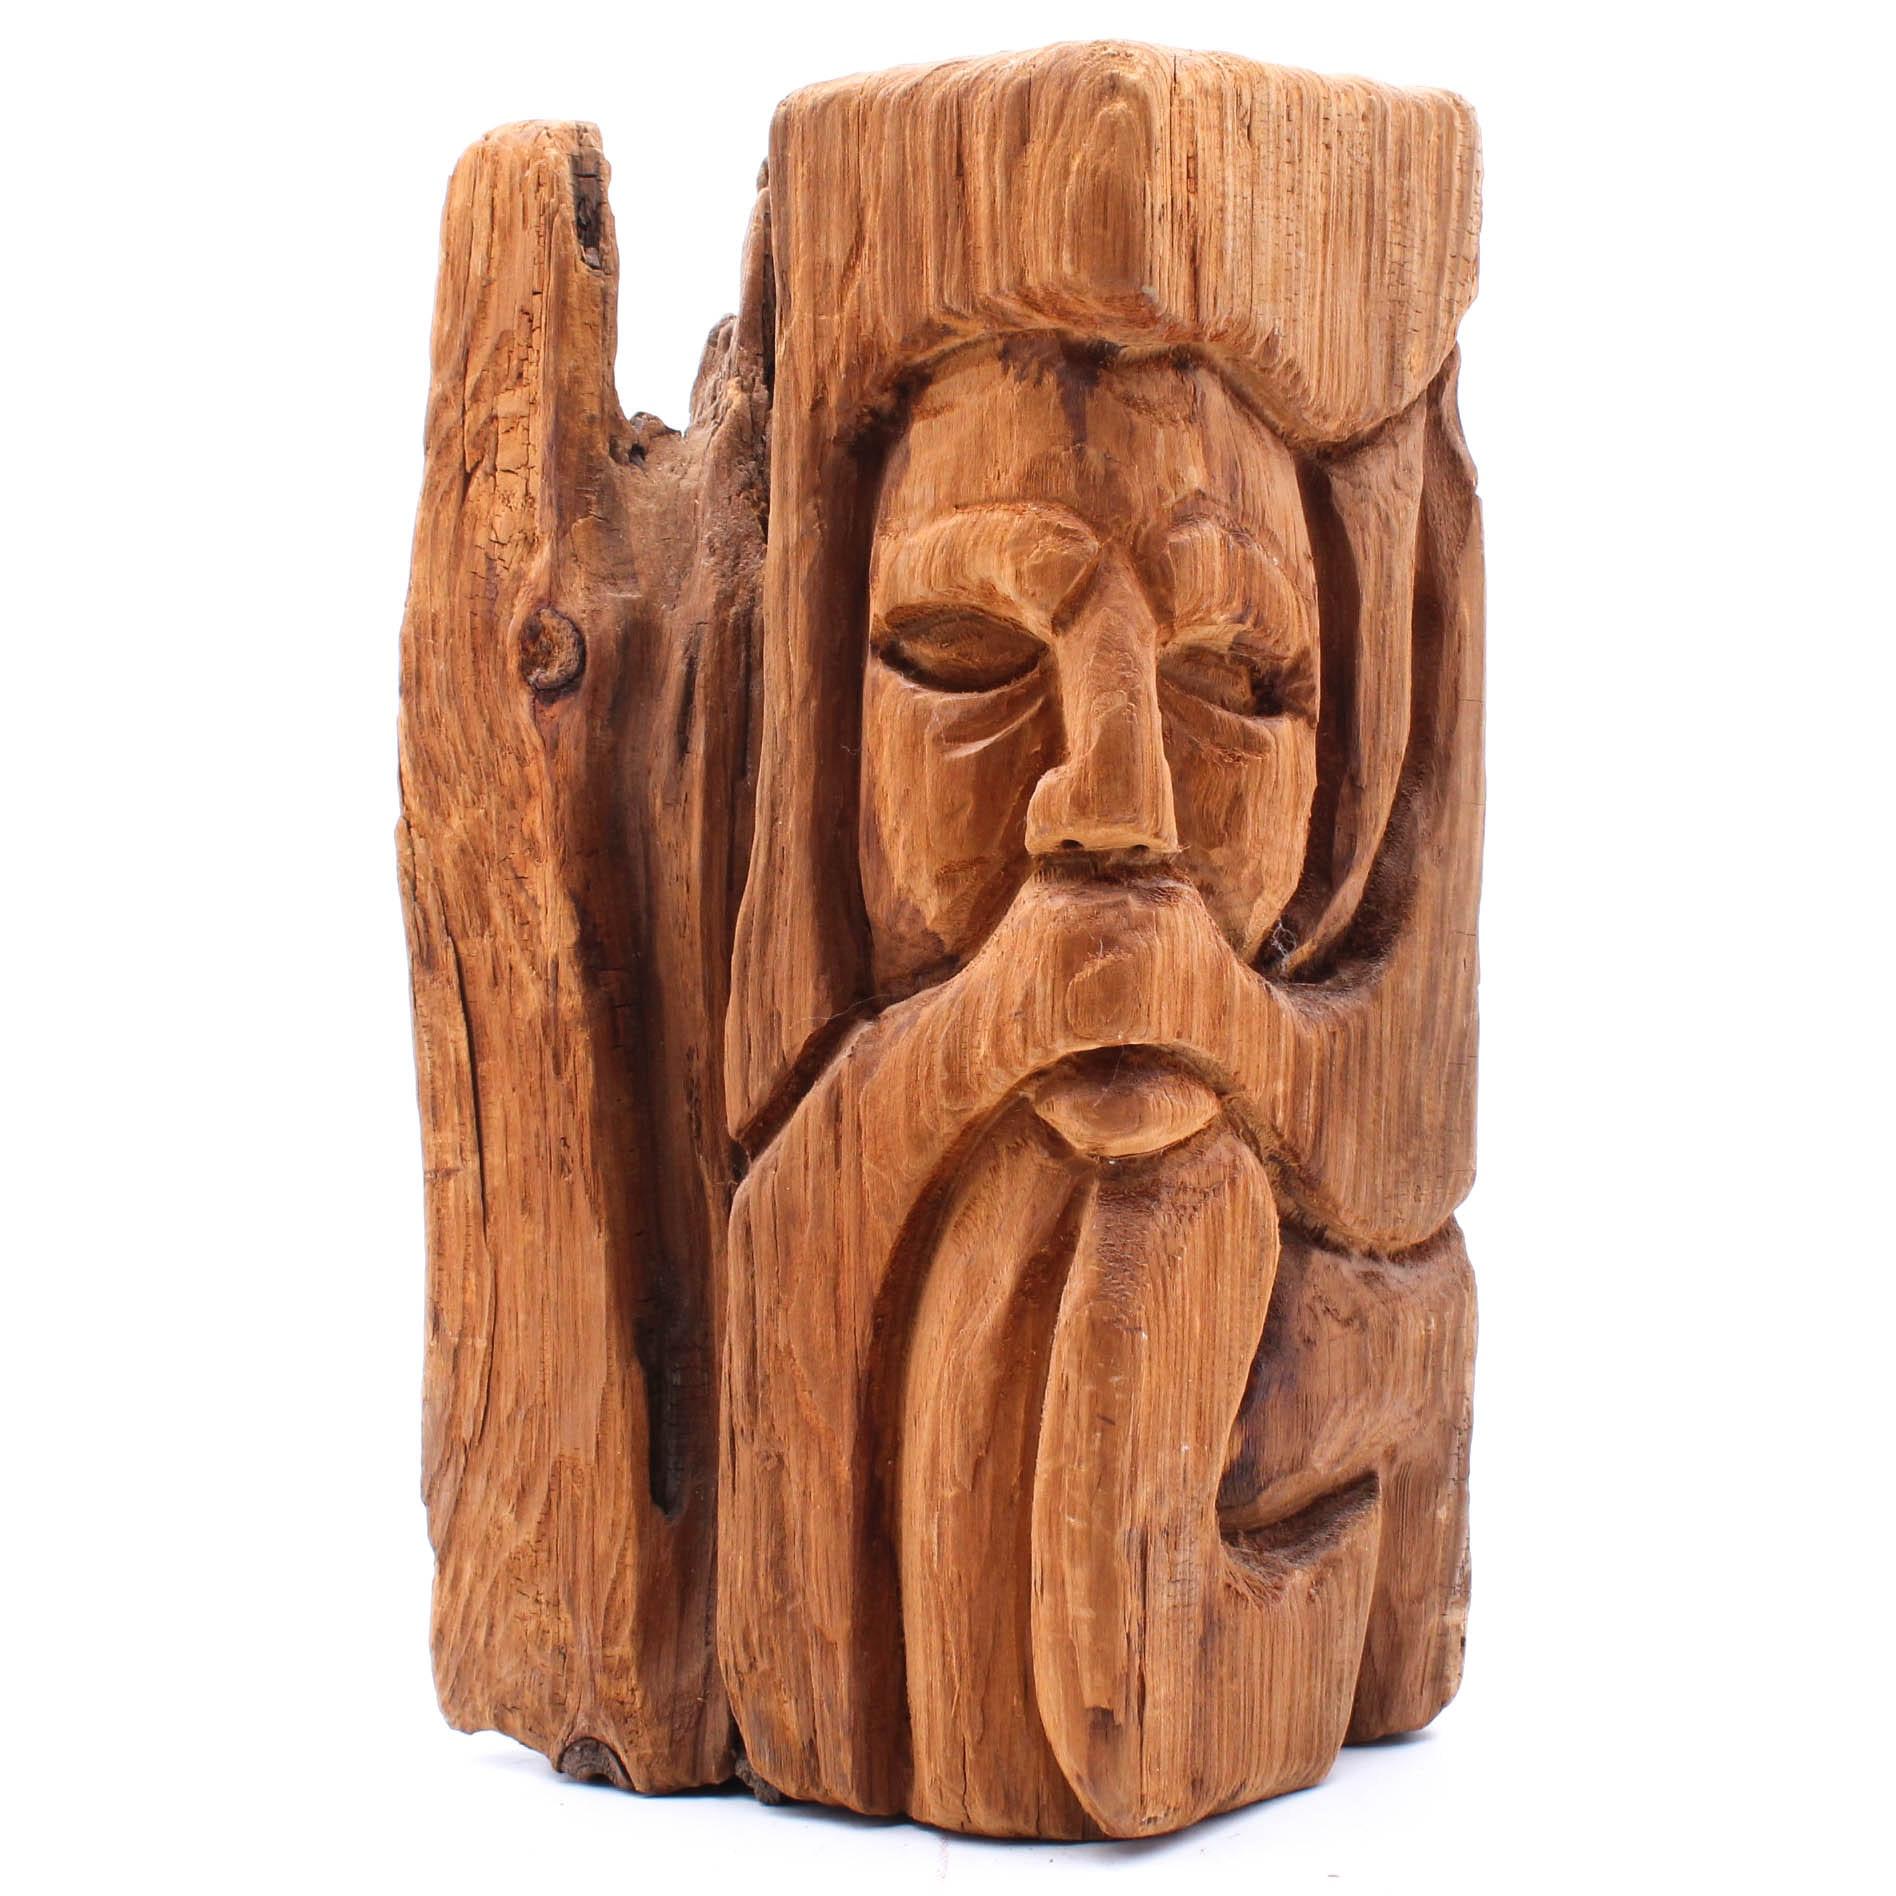 Vintage Carved Driftwood Sculpture